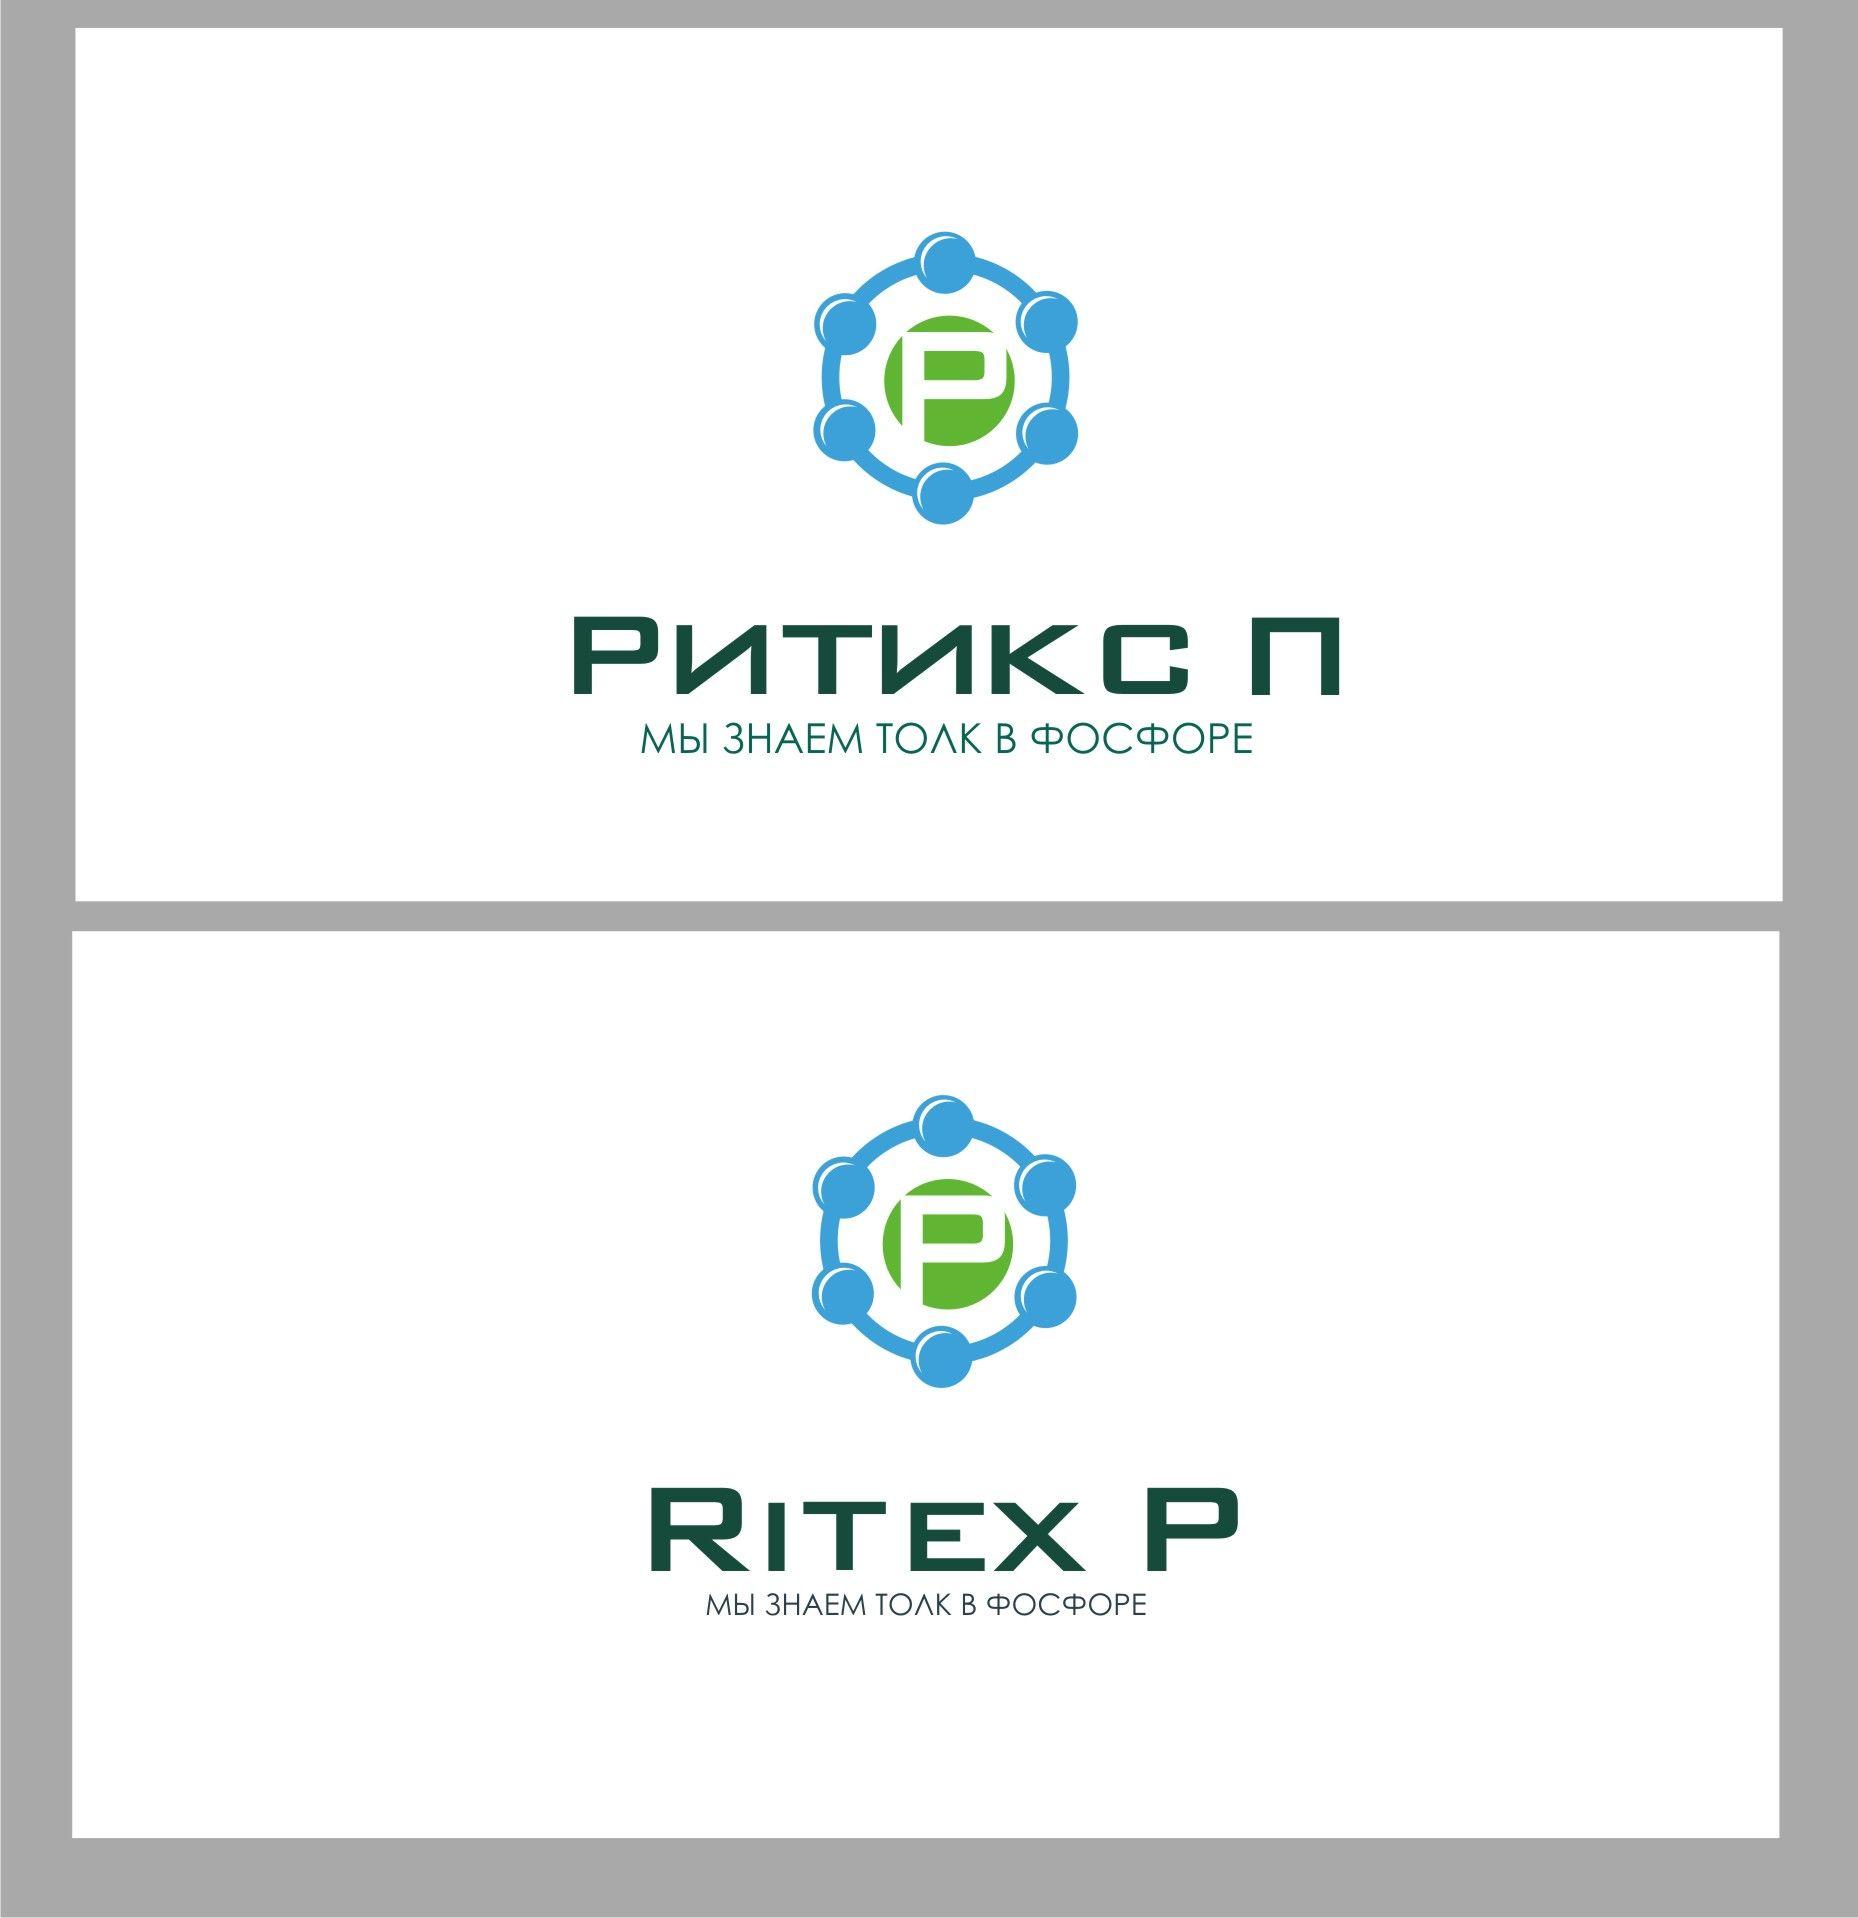 Фирменный стиль для компании! - дизайнер dbyjuhfl